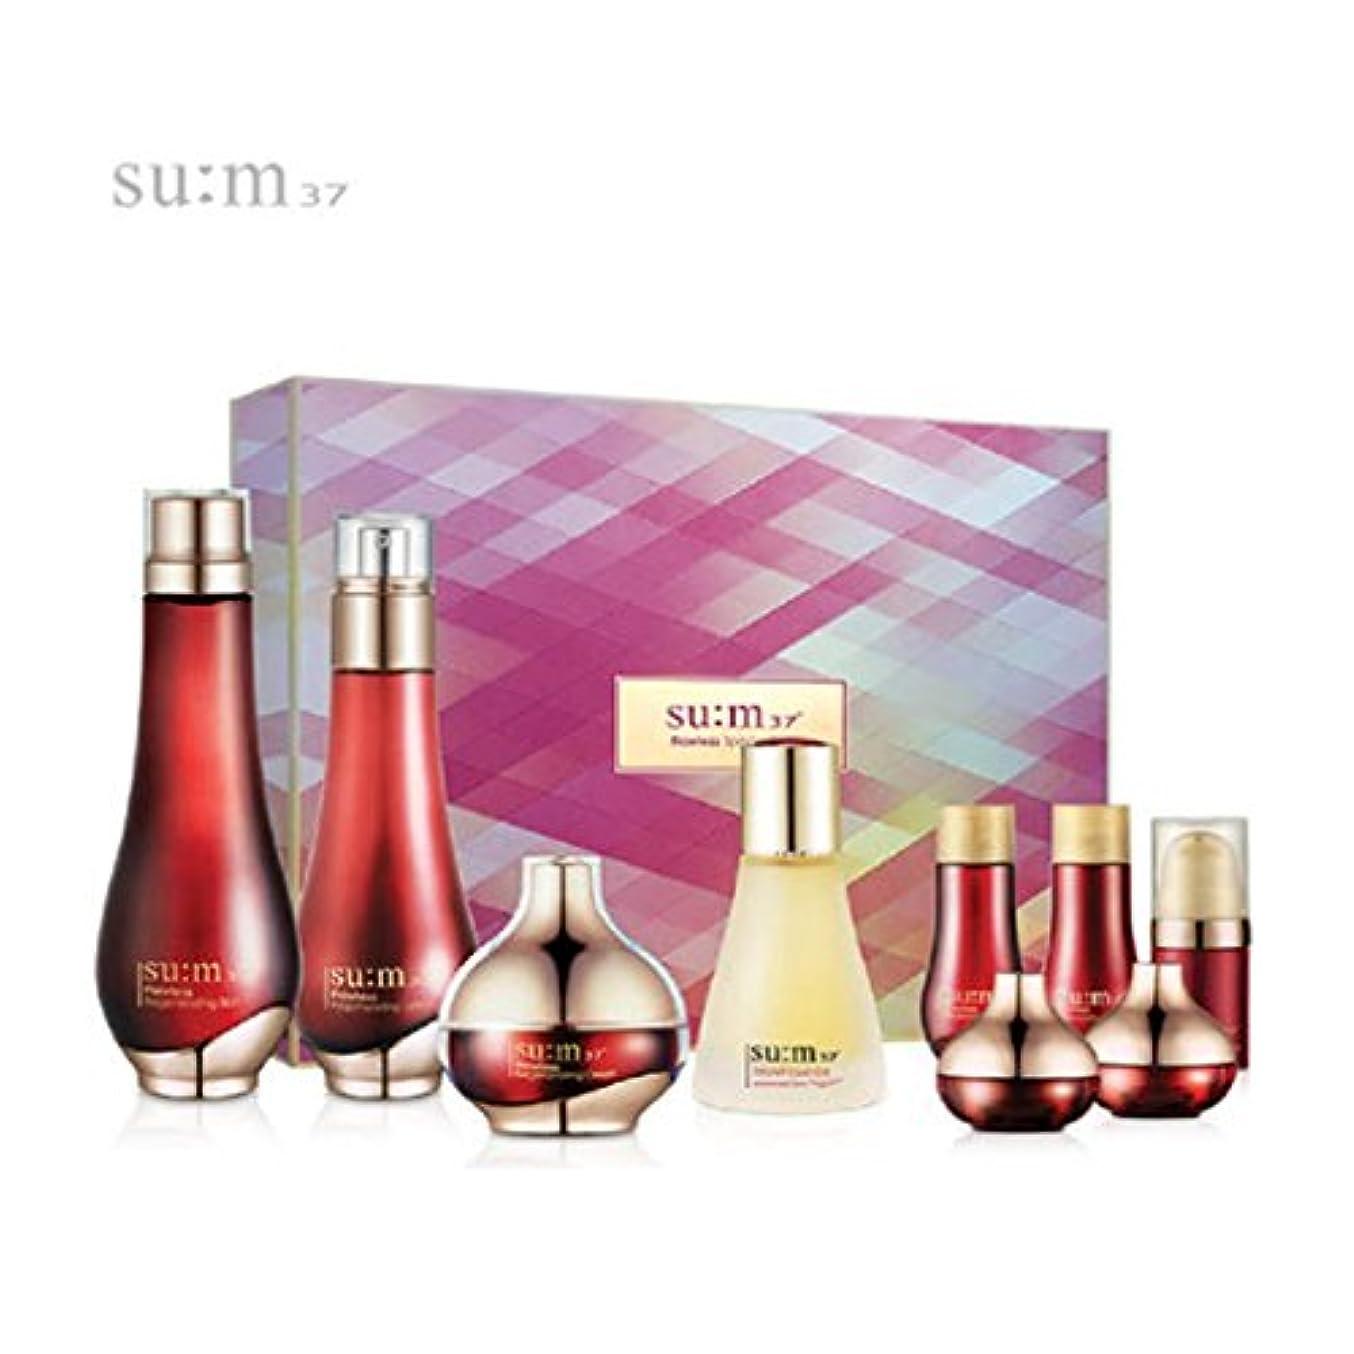 フローマイコン隠[su:m37/スム37°]Flawless 3pcs Special Limited Skincare Set/フローレス3種のスキンケアセット + [Sample Gift](海外直送品)